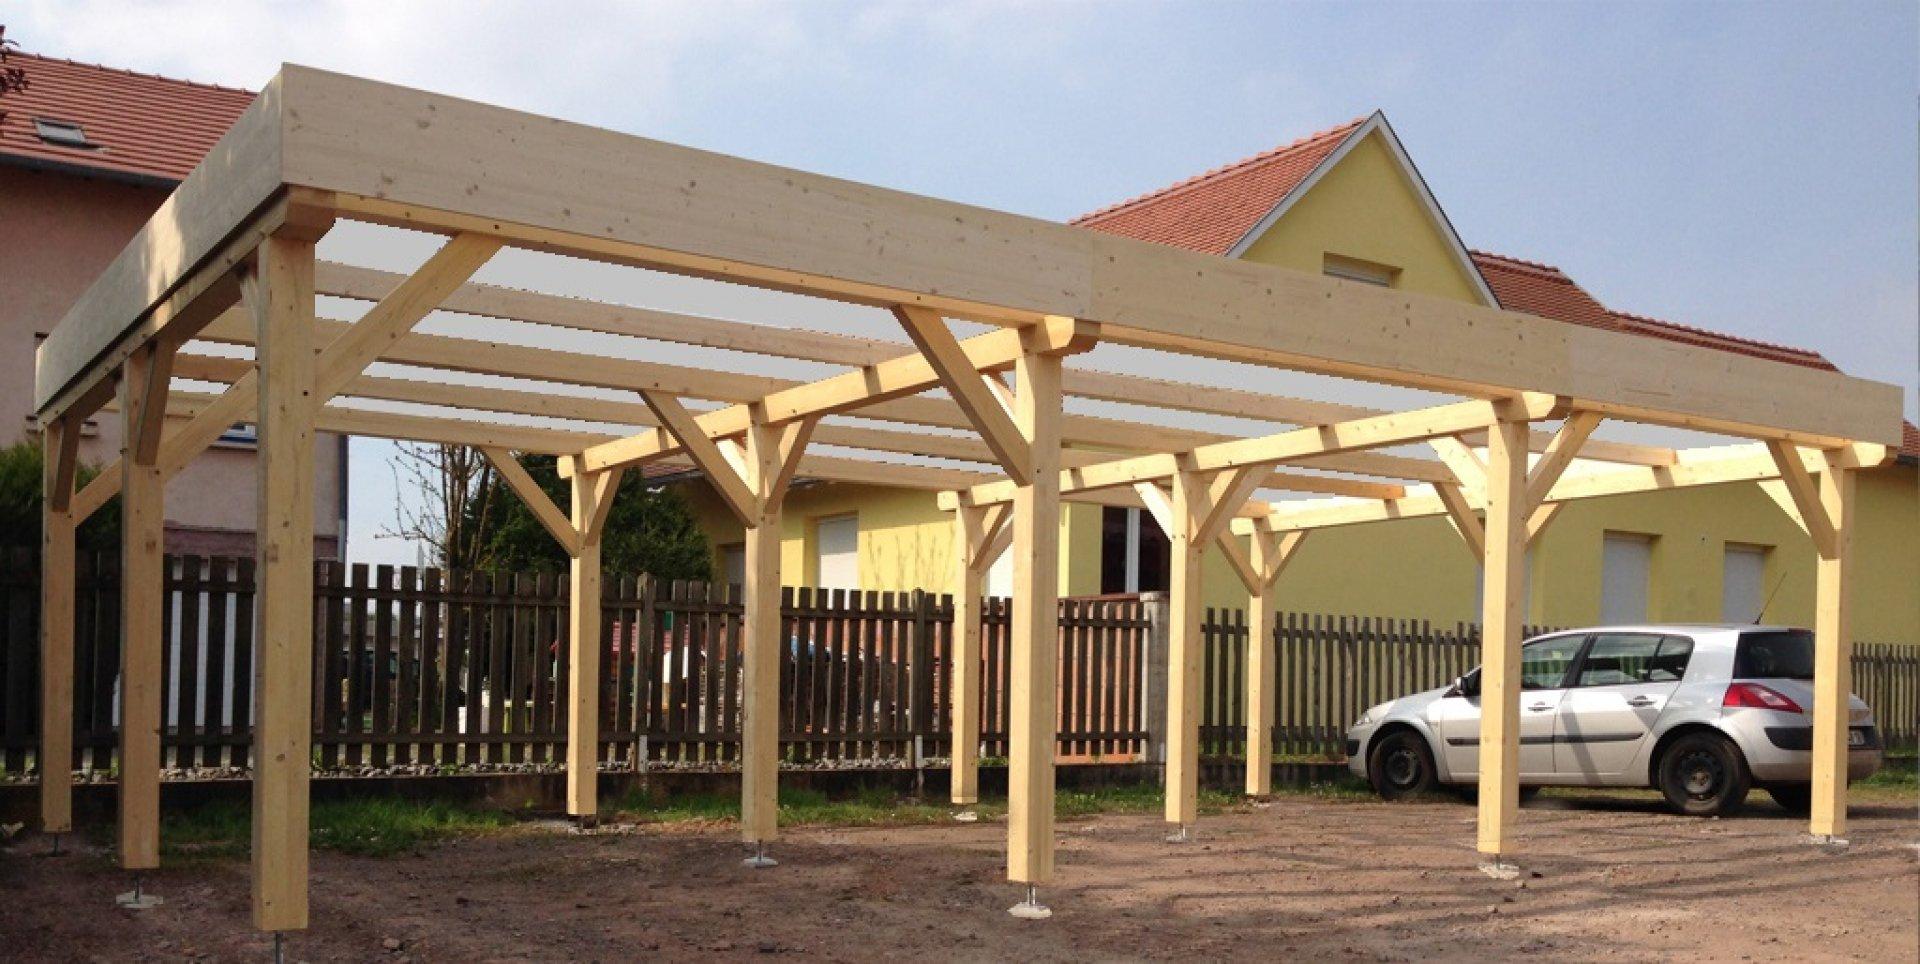 Abri Carport Toit Plat 3 Voitures - Vente En Ligne D'abris En Bois En Kit destiné Abri Bois Toit Plat